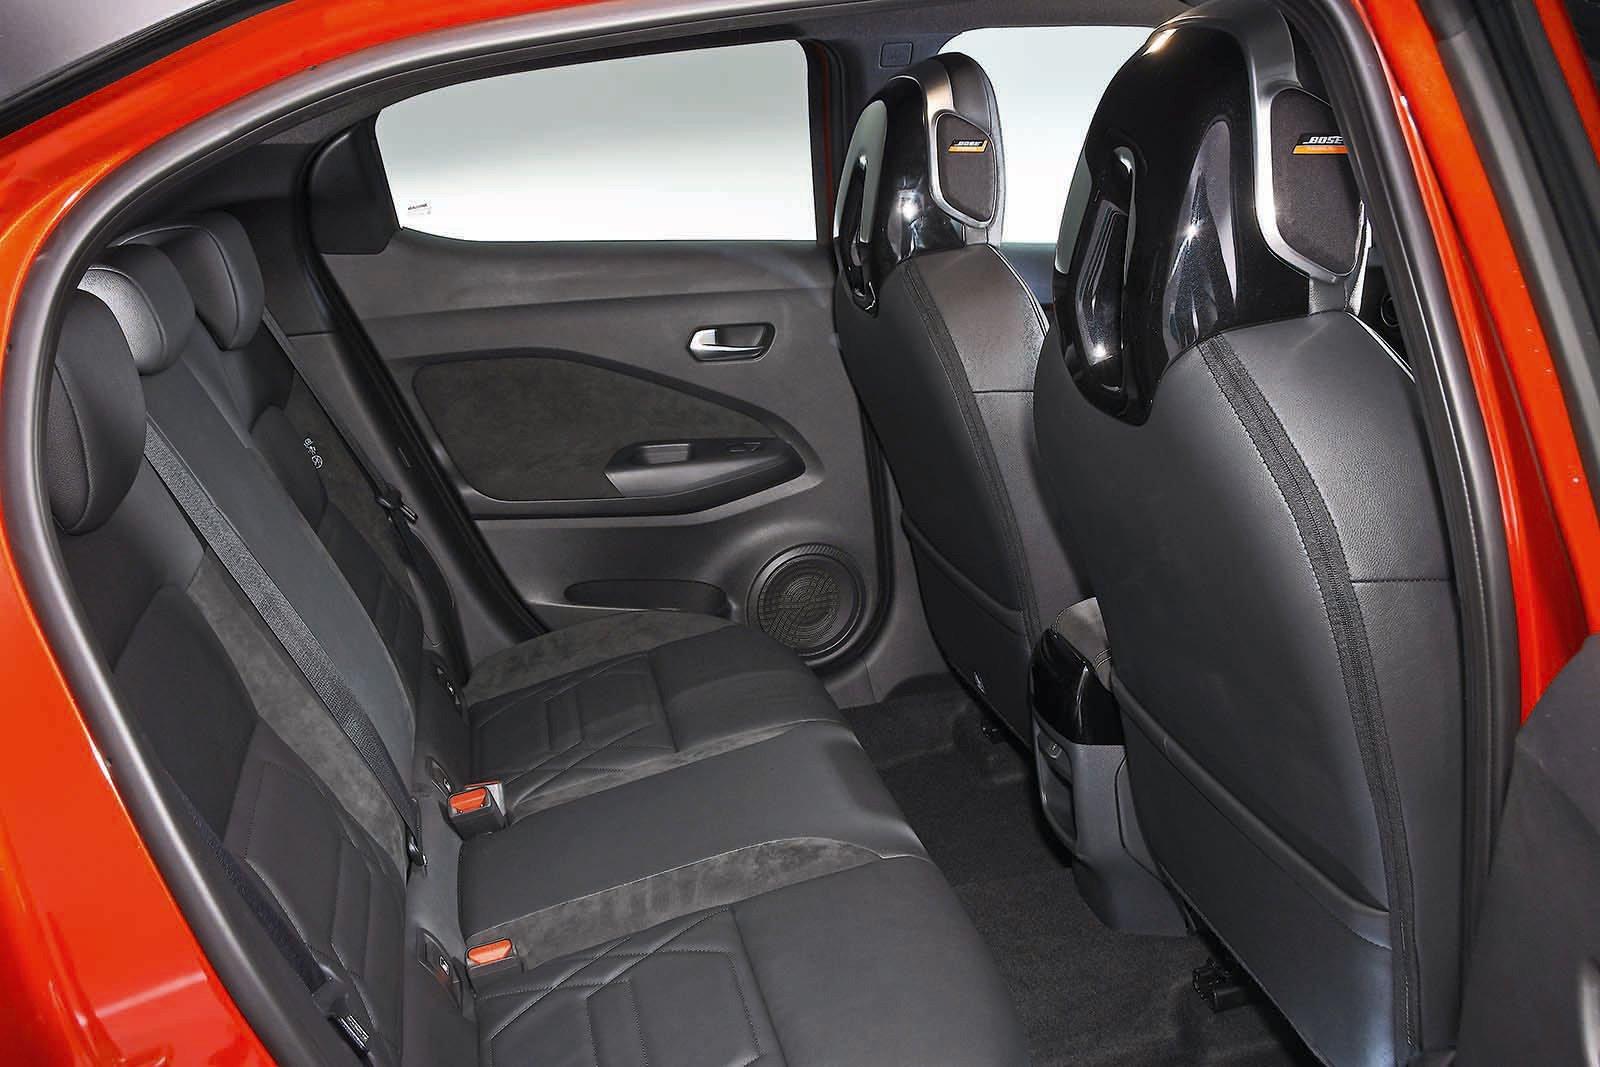 Nissan Juke 2019 rear seats RHD